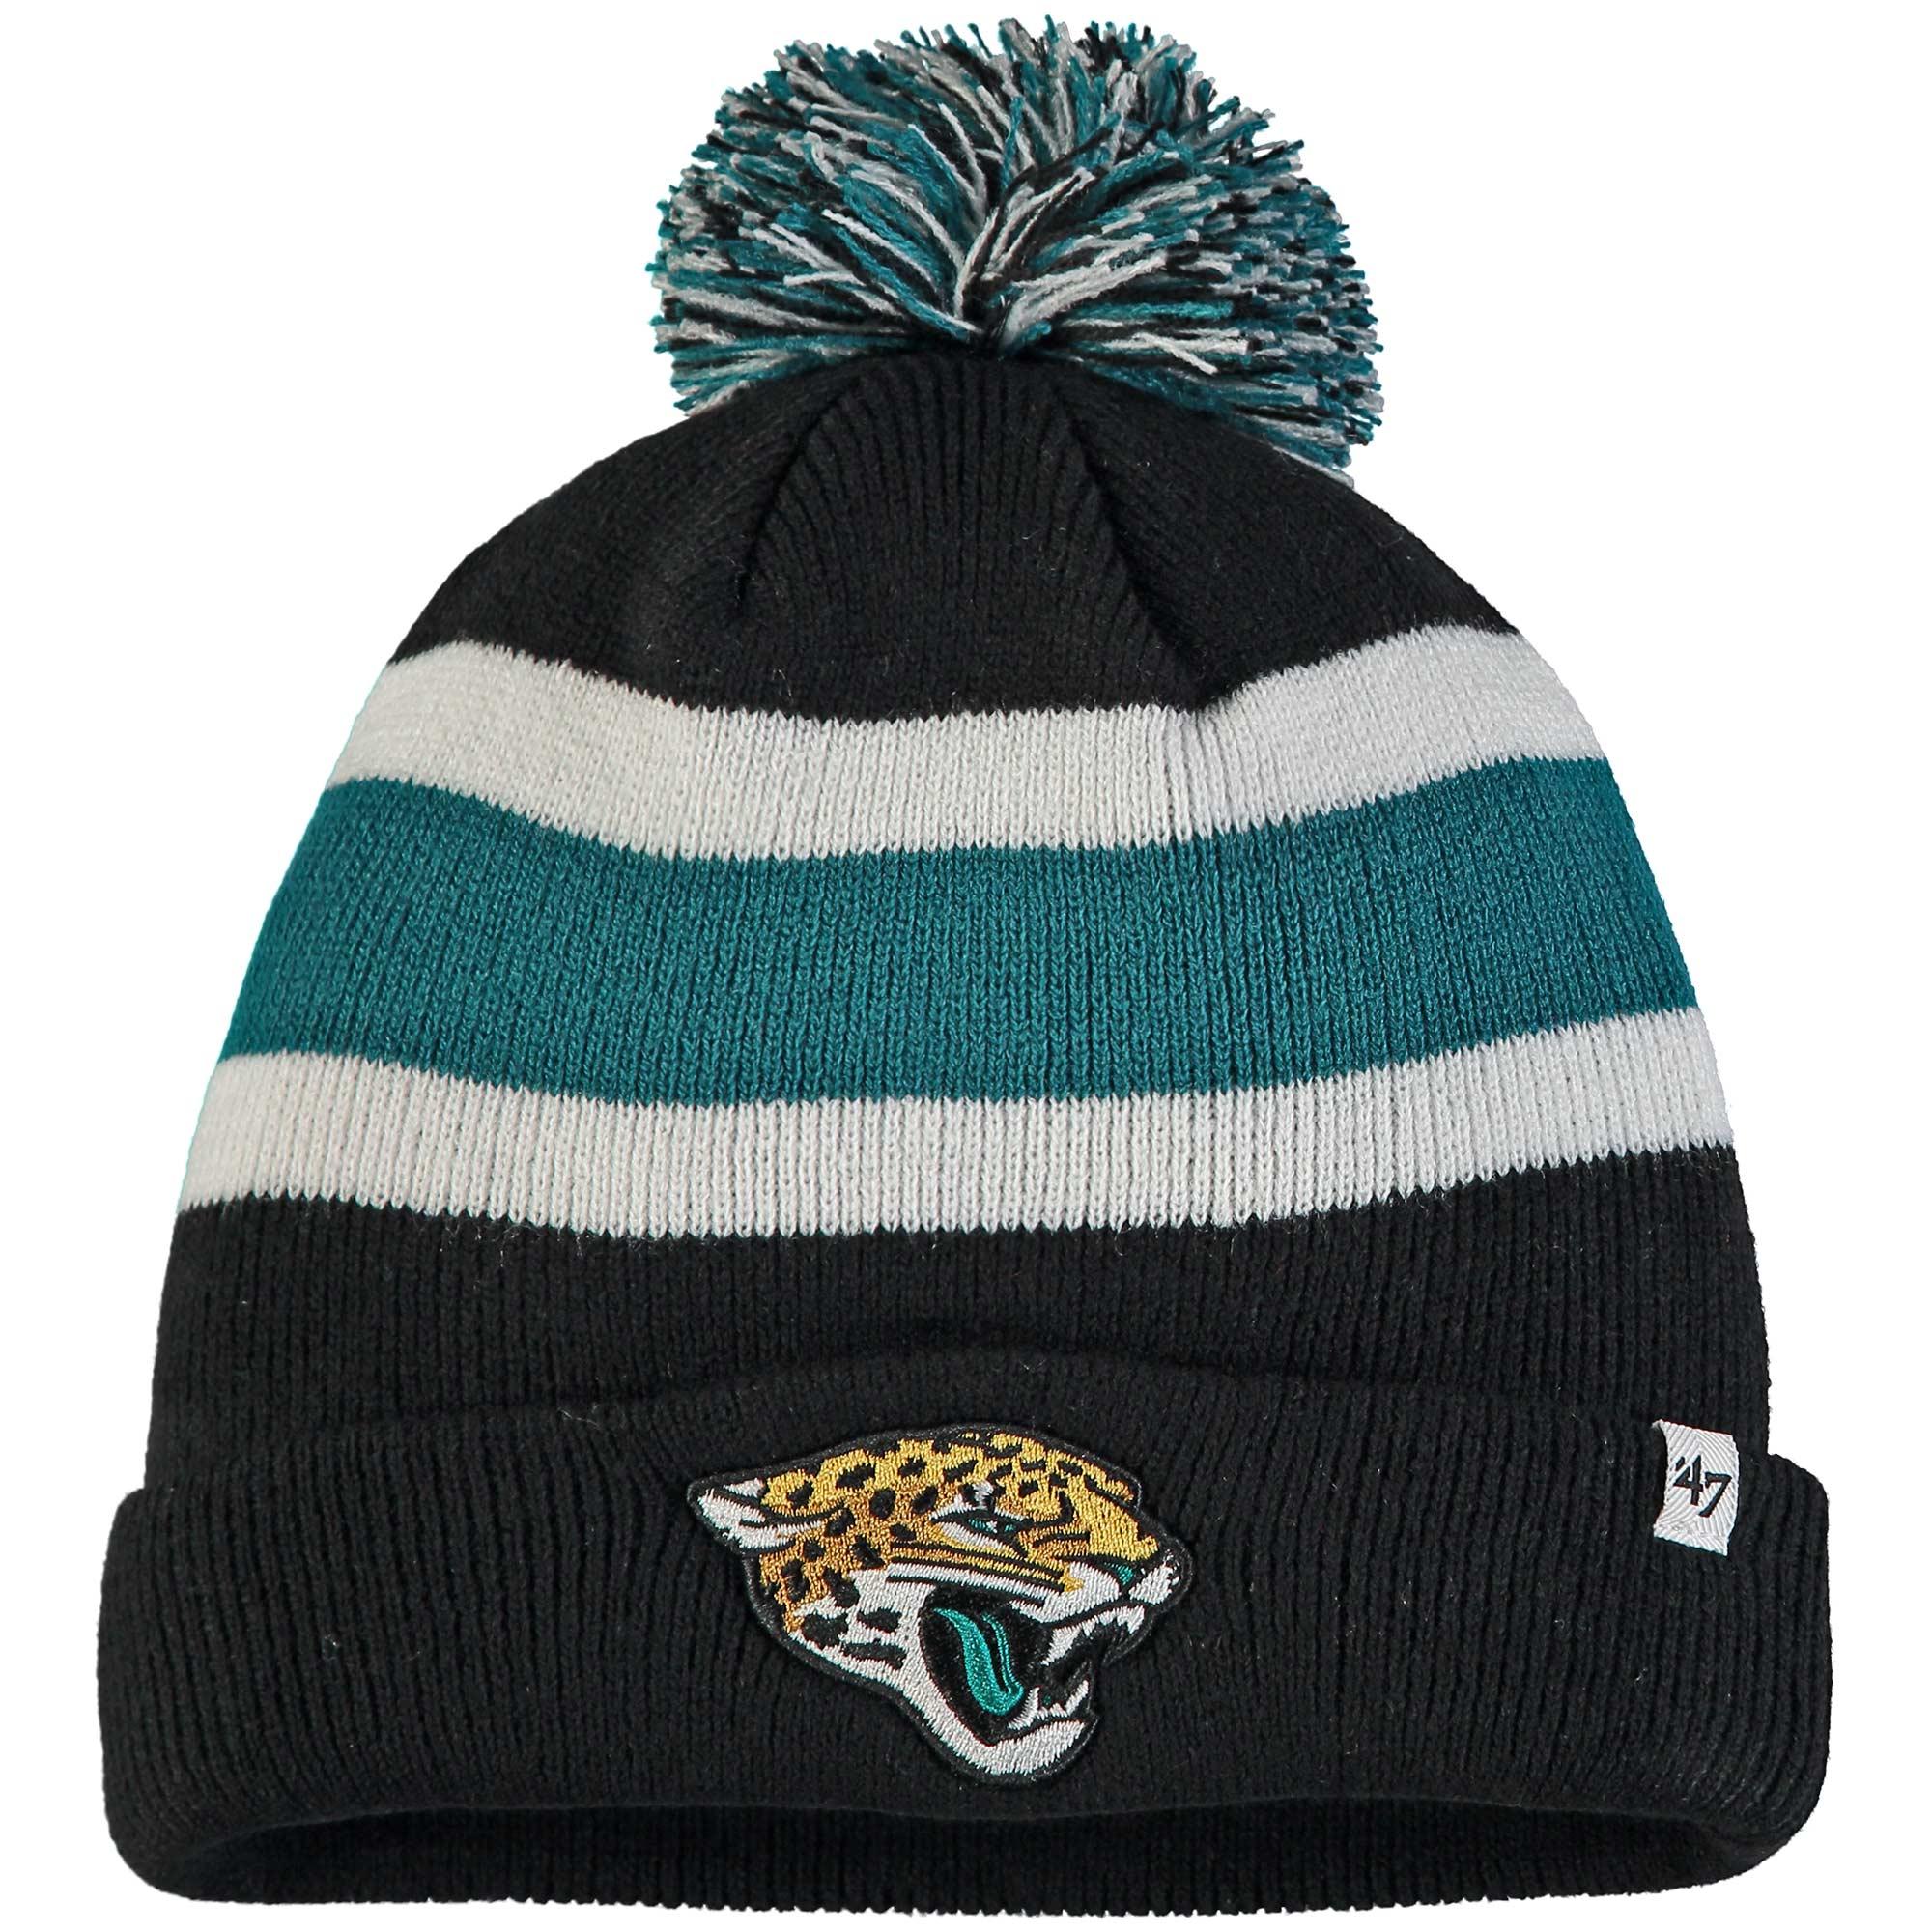 Jacksonville Jaguars '47 Breakaway Cuffed Knit Hat with Pom - Black